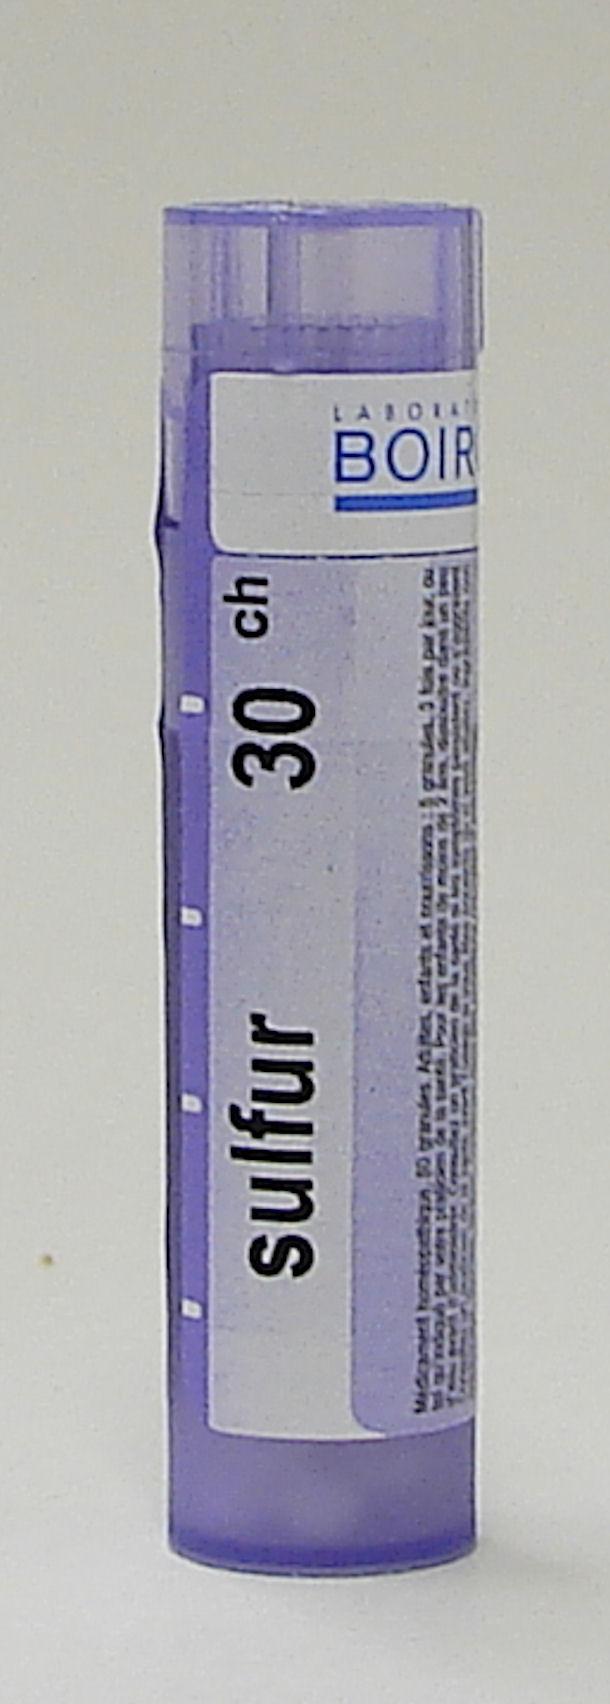 Sulfur, 30ch sublingual pellets (Boiron)